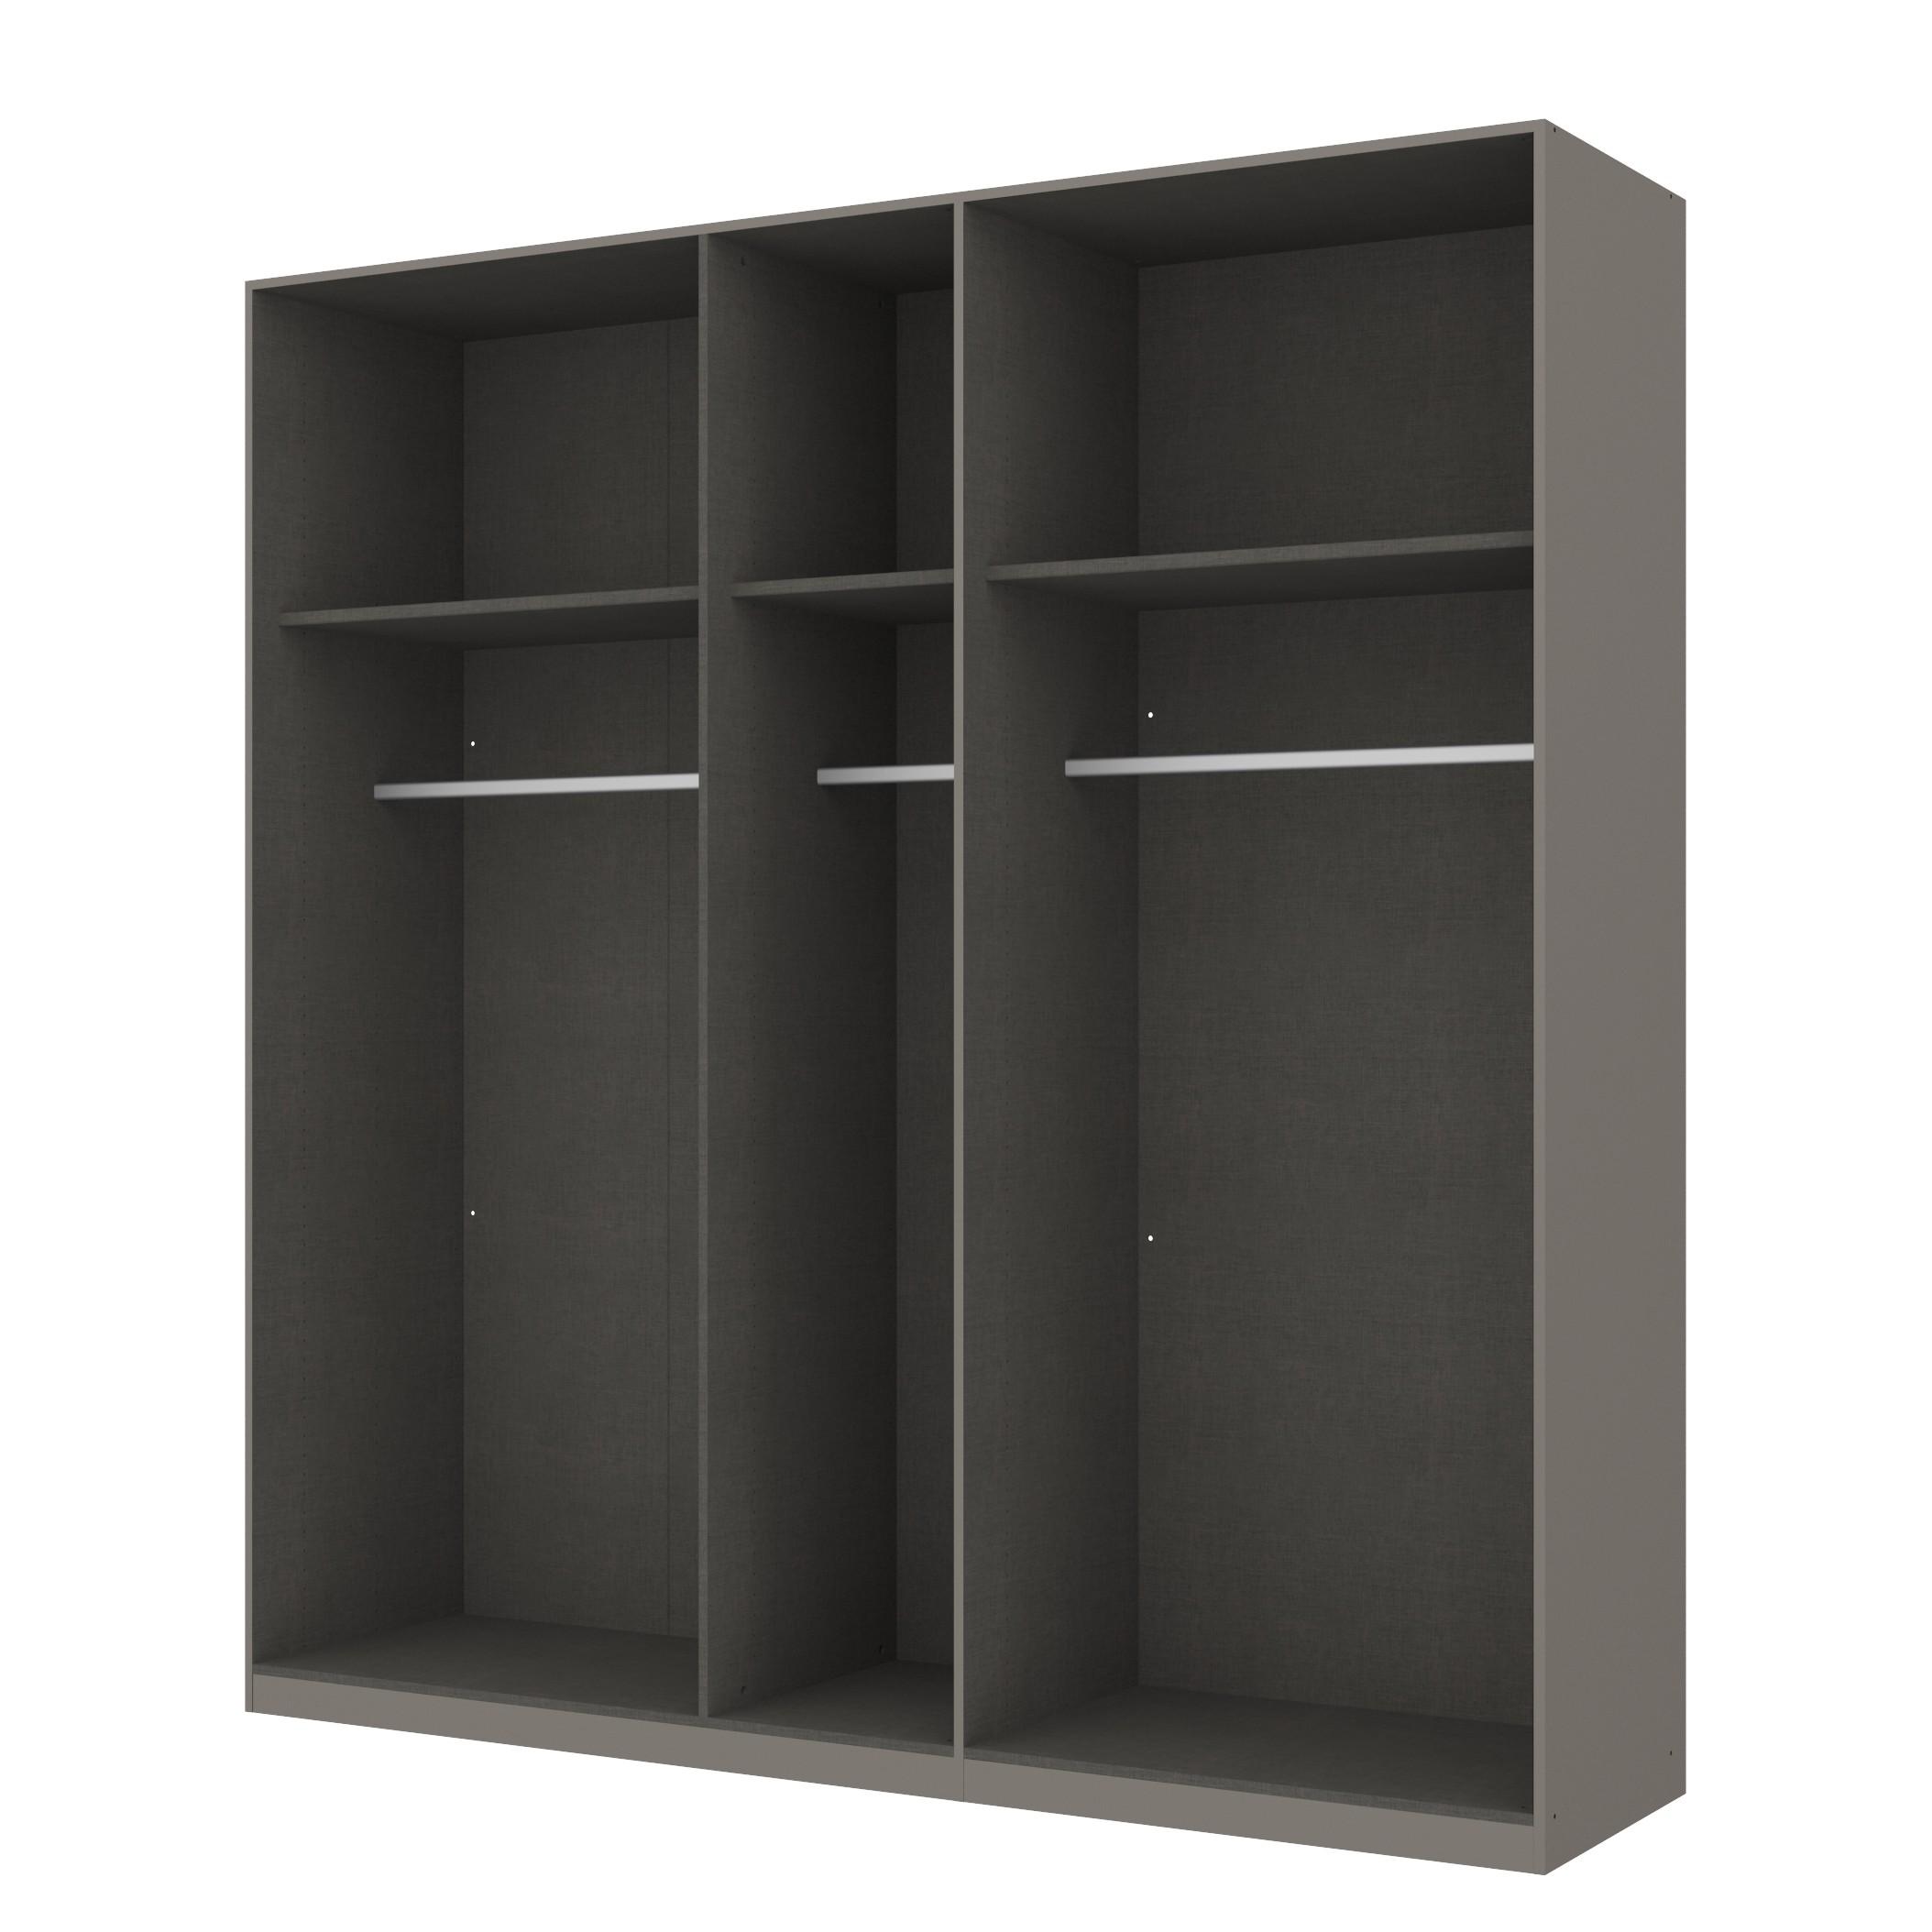 goedkoop Draaideurkast Skøp grafietkleurig open 225cm 5 deurs 236cm Comfort Skop